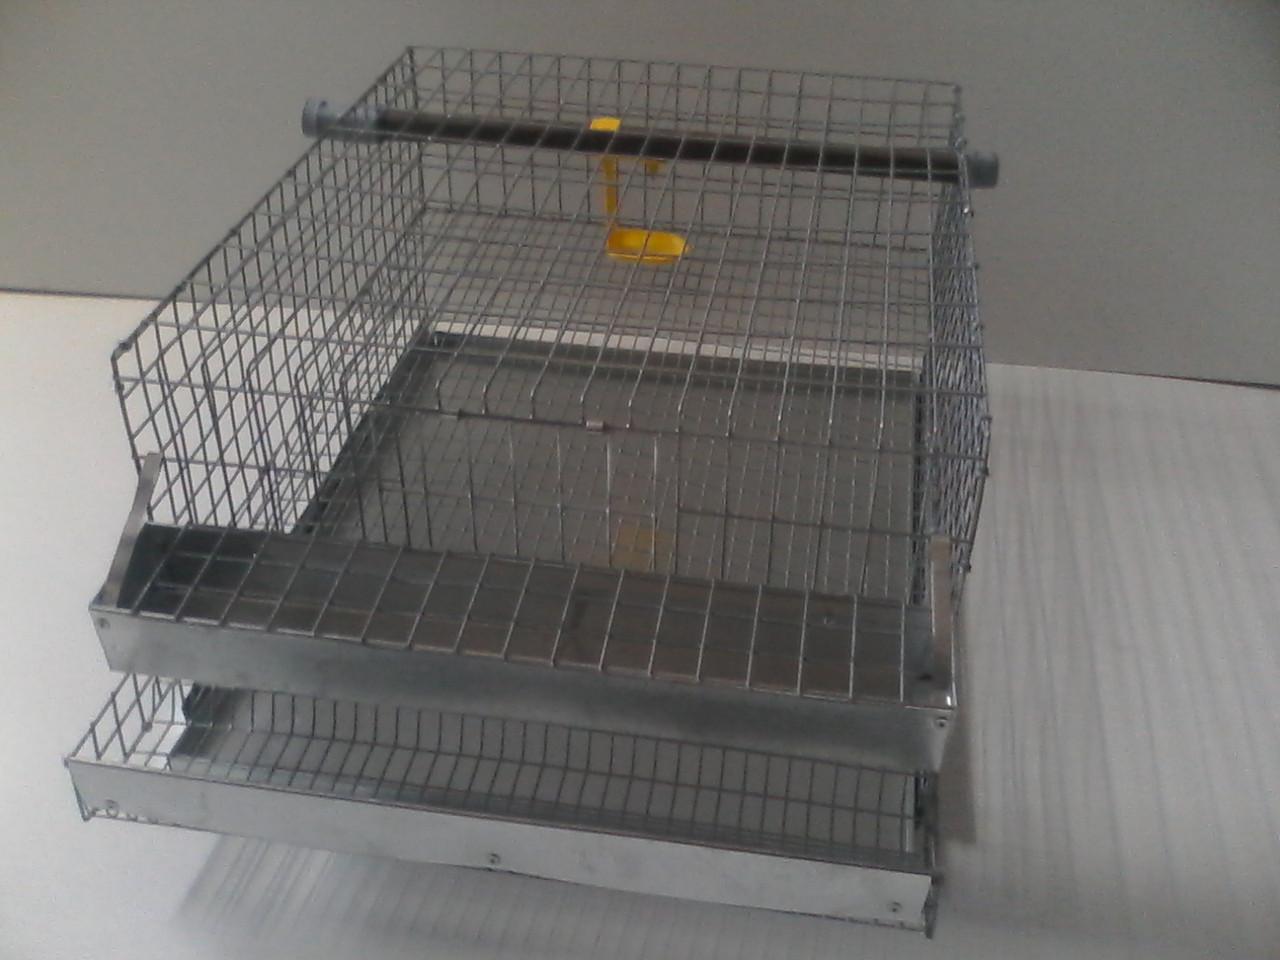 КП (Клетка для перепелов) - фото 1